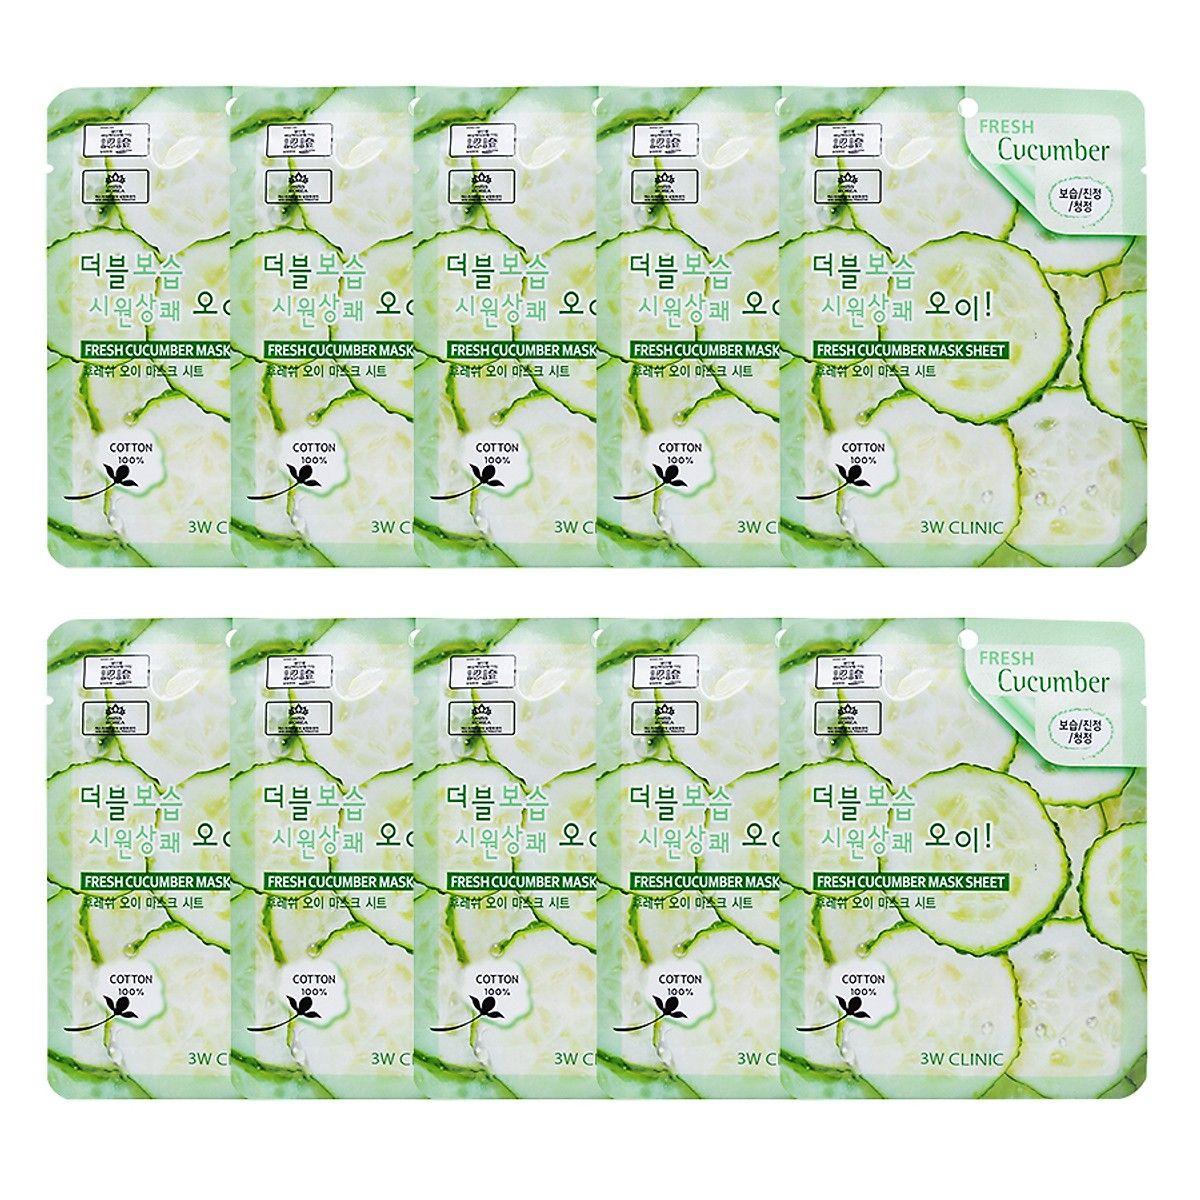 Combo 10 Gói Mặt Nạ Dưỡng Ẩm Da 3W Clinic Fresh Cucumber Jelly Mask Sheet Chiết Xuất Dưa Leo (23ml x 10)